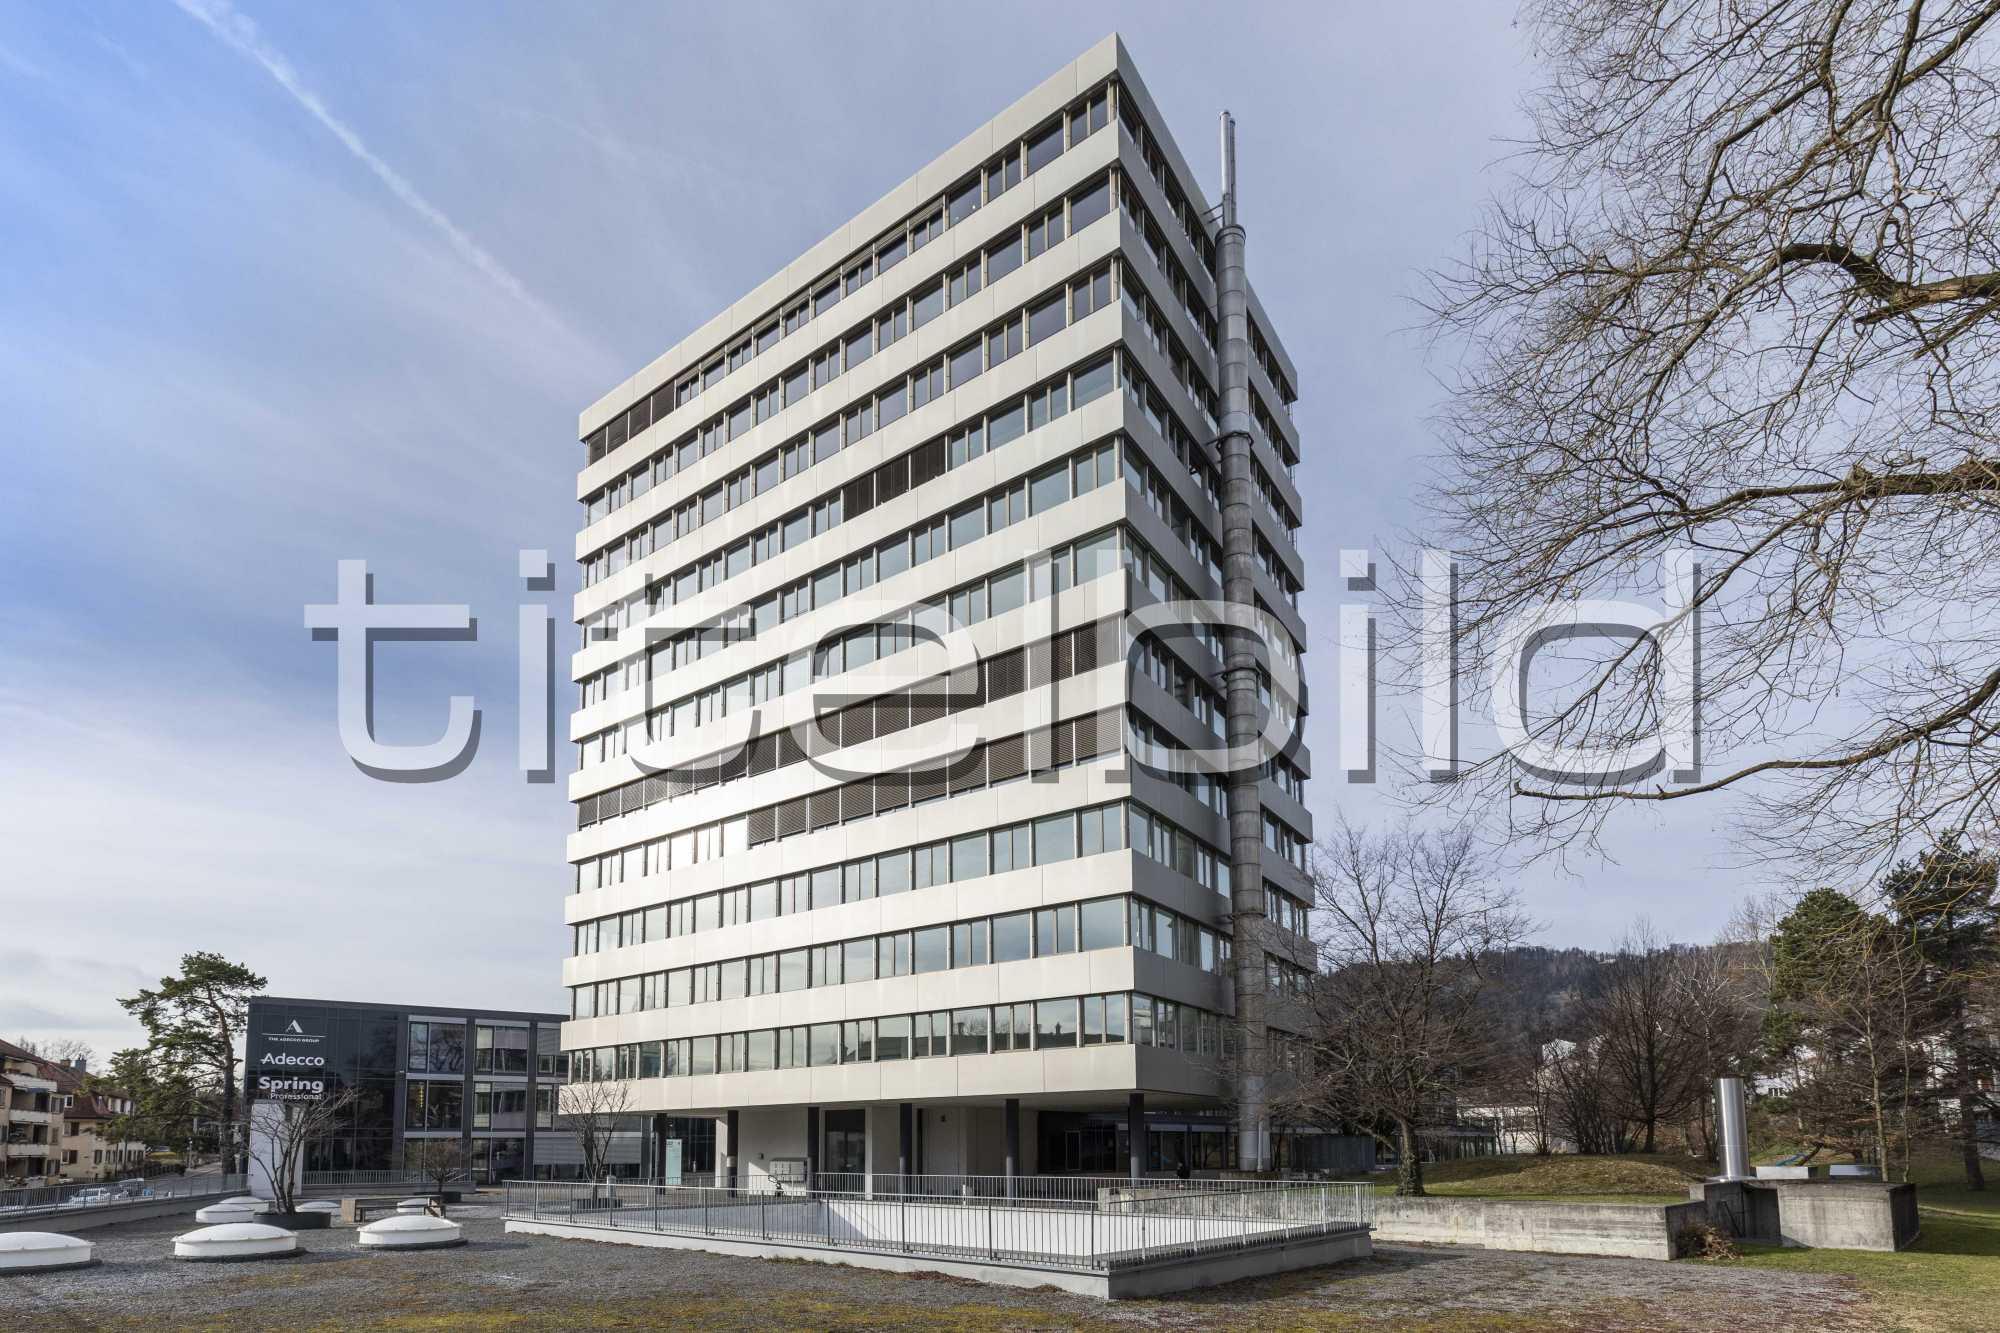 Projektbild-Nr. 0: Sanierung Hochhaus, Uetlibergstrasse 132, 8045 Zürich